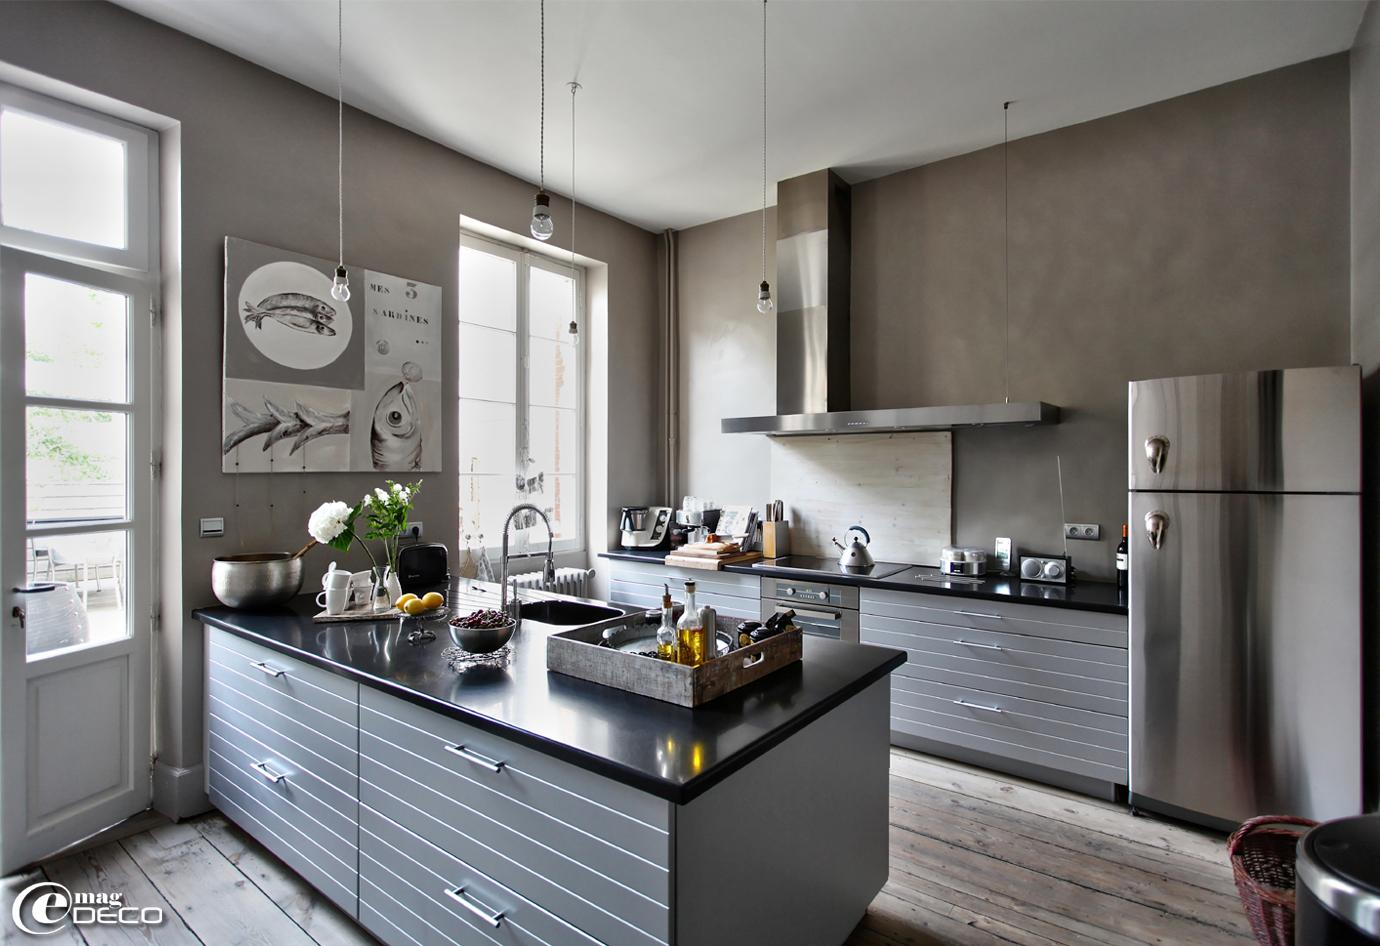 cuisine noyer gris clair ikea solutions pour la d coration int rieure de votre maison. Black Bedroom Furniture Sets. Home Design Ideas